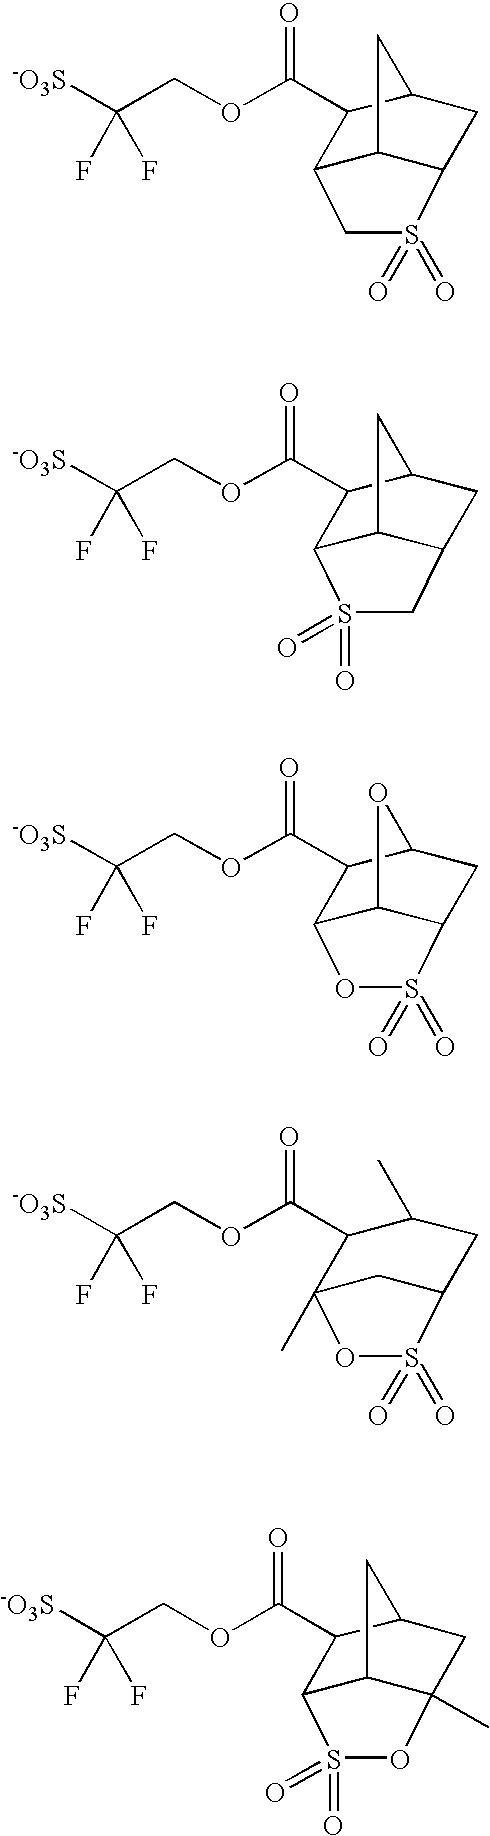 Figure US20100323296A1-20101223-C00129